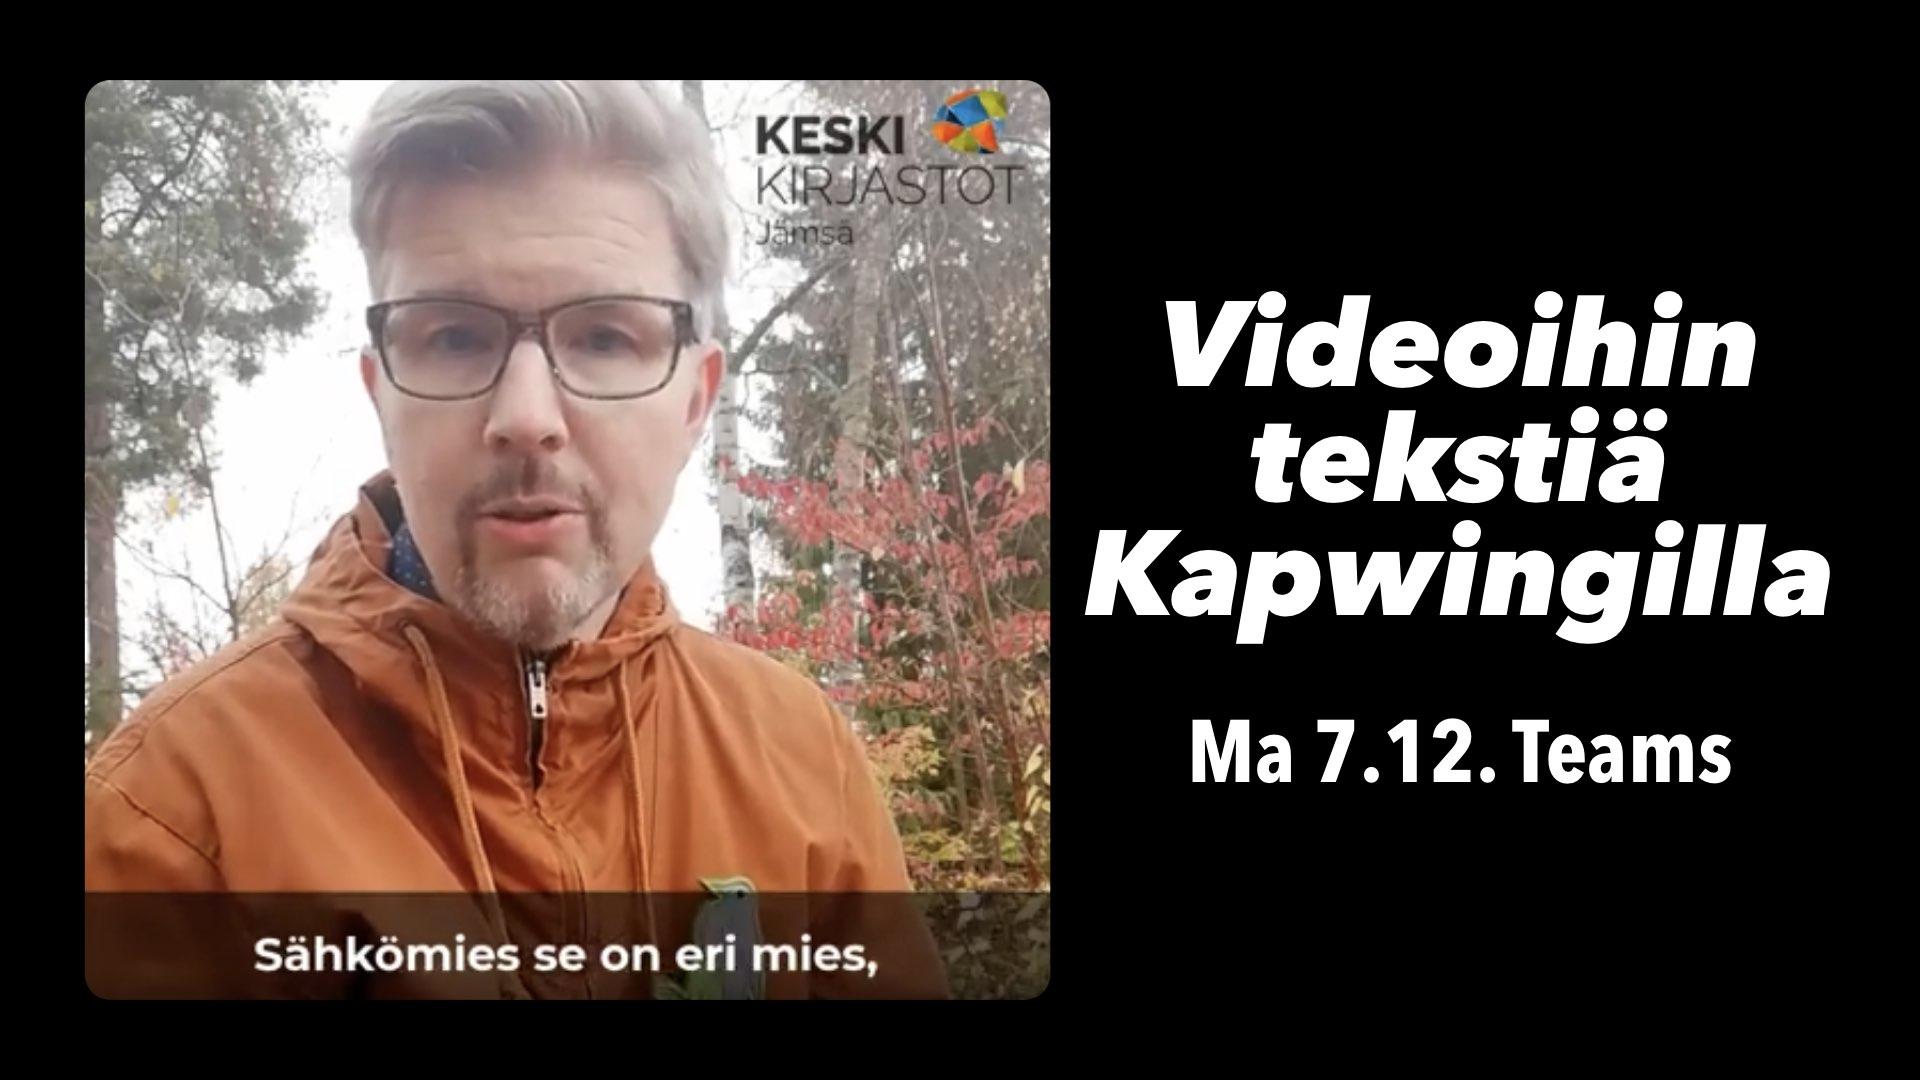 Kuvassa kirjastonhoitaja Tommi Tapiainen videovinkkaamassa ja koulutuksen otsikko.